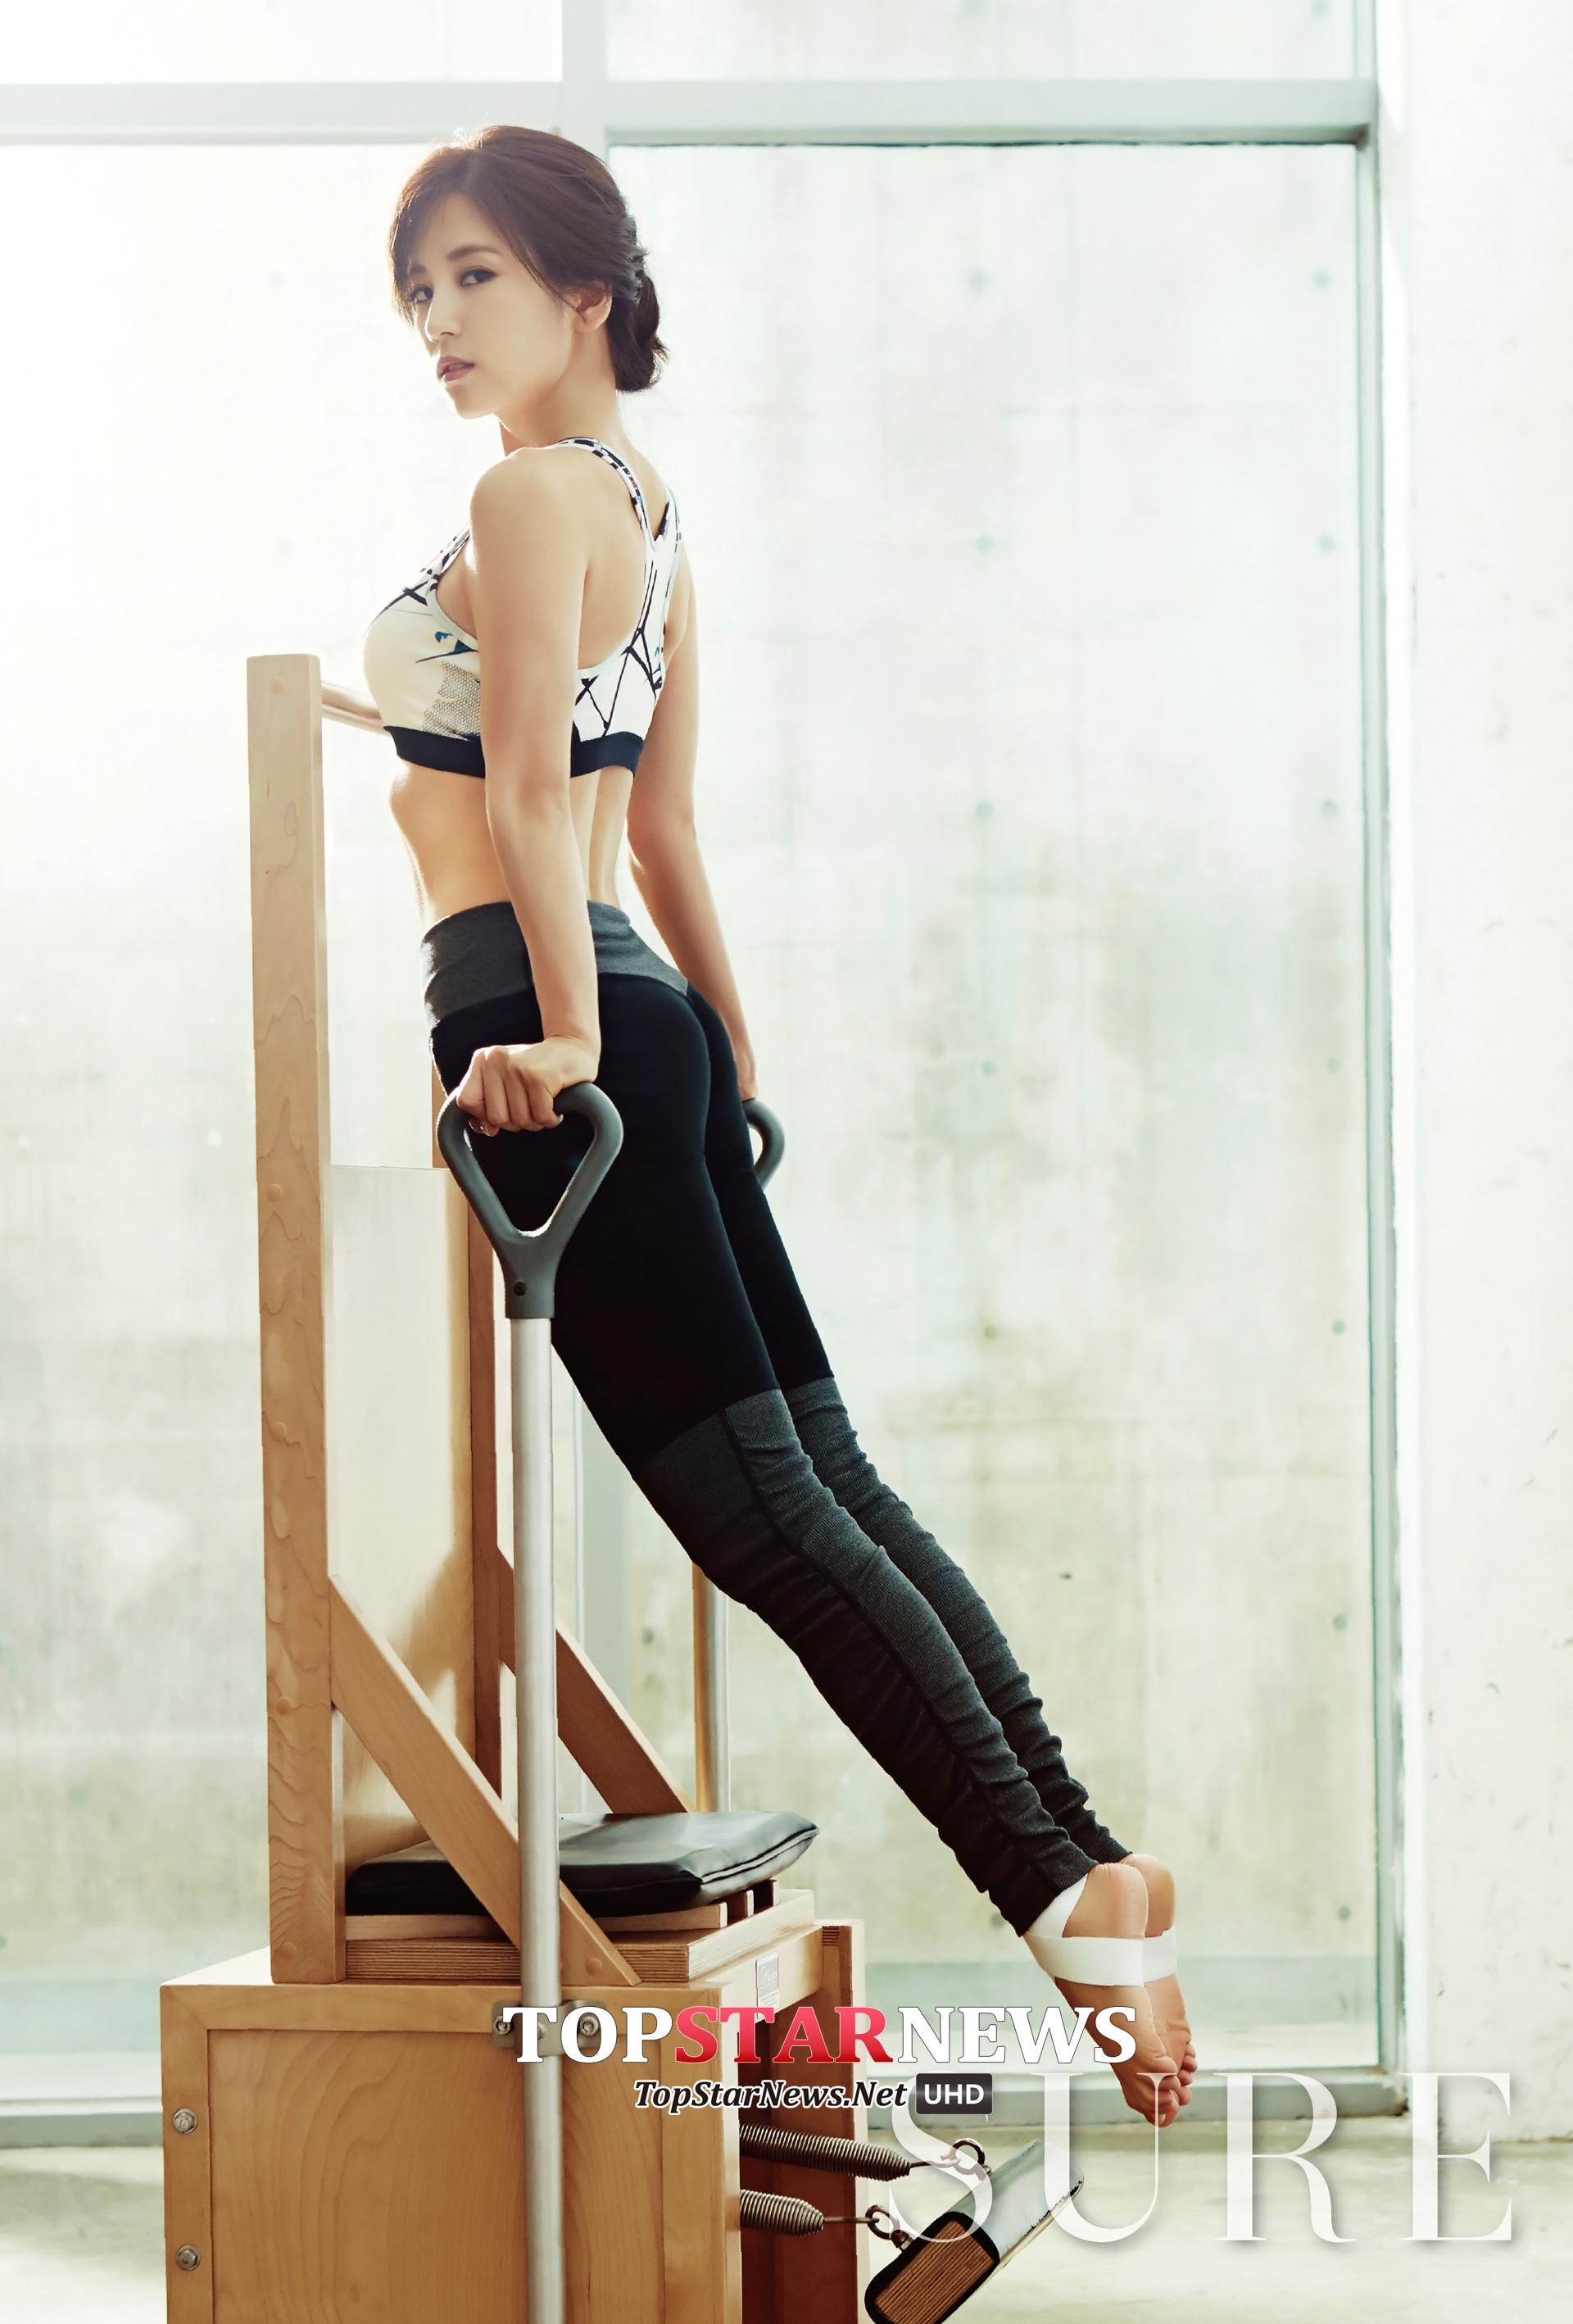 雖然小時候就練過合氣道,不過現在的初瓏花較多時間在練習彼拉提斯。彼拉提斯雖然不算劇烈運動,但卻有緊實腹肌、強化心肺功能的效果!